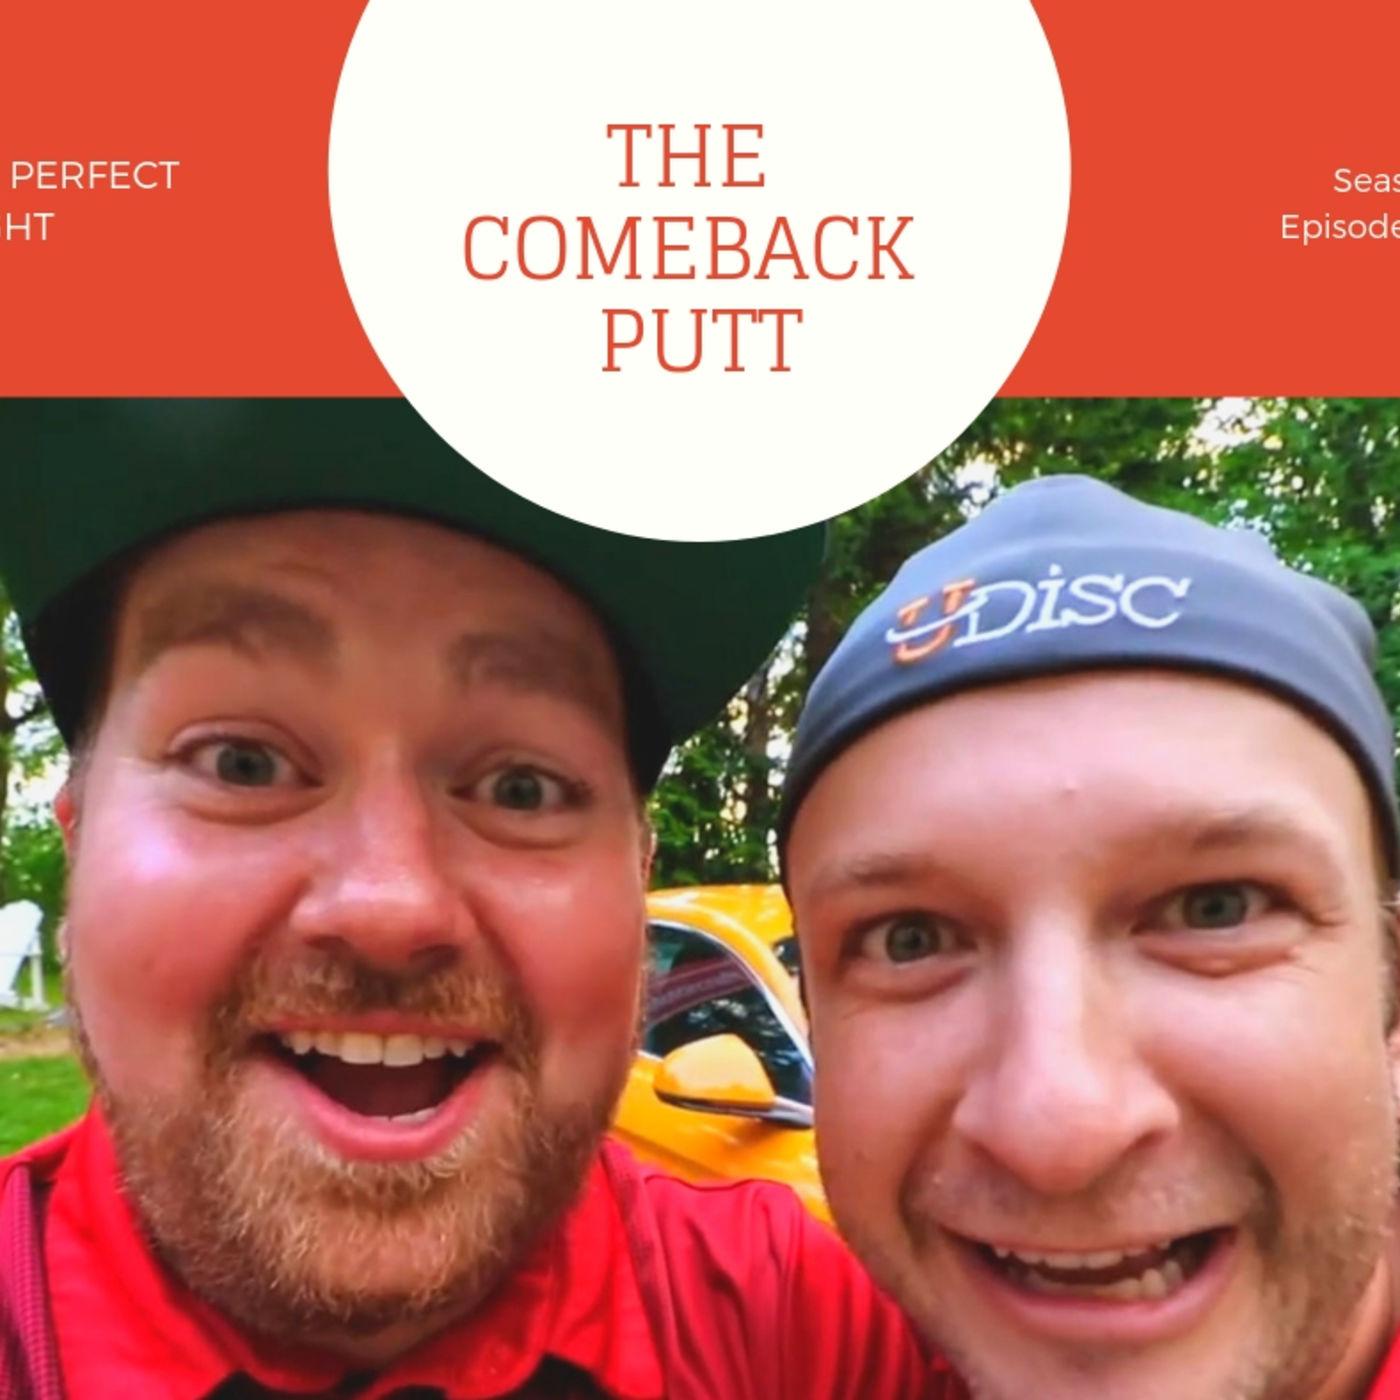 #10 - The comeback putt